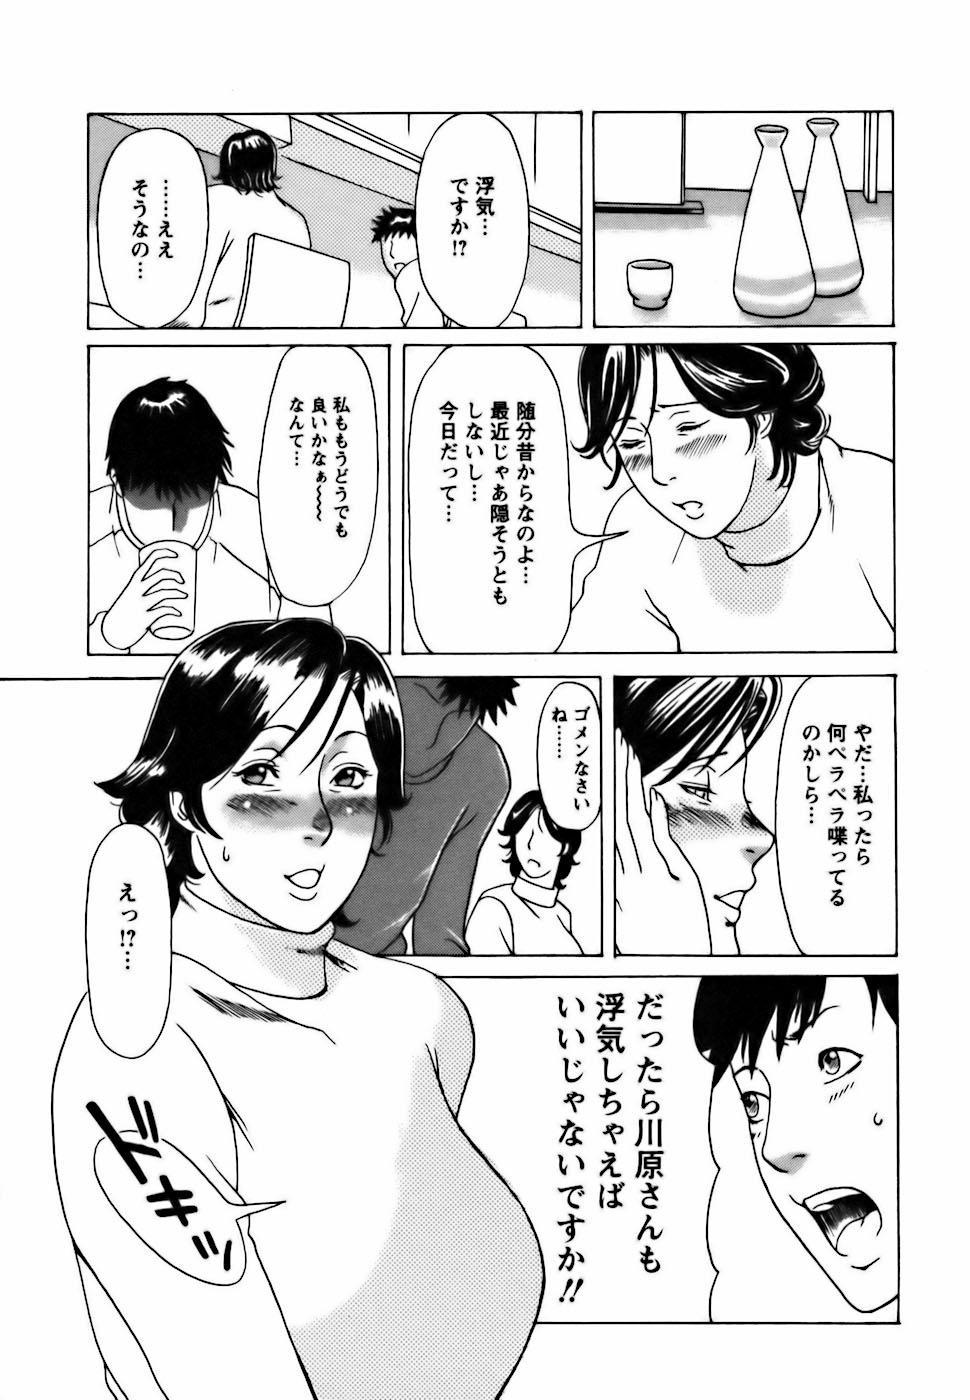 Cafe e Youkoso 197